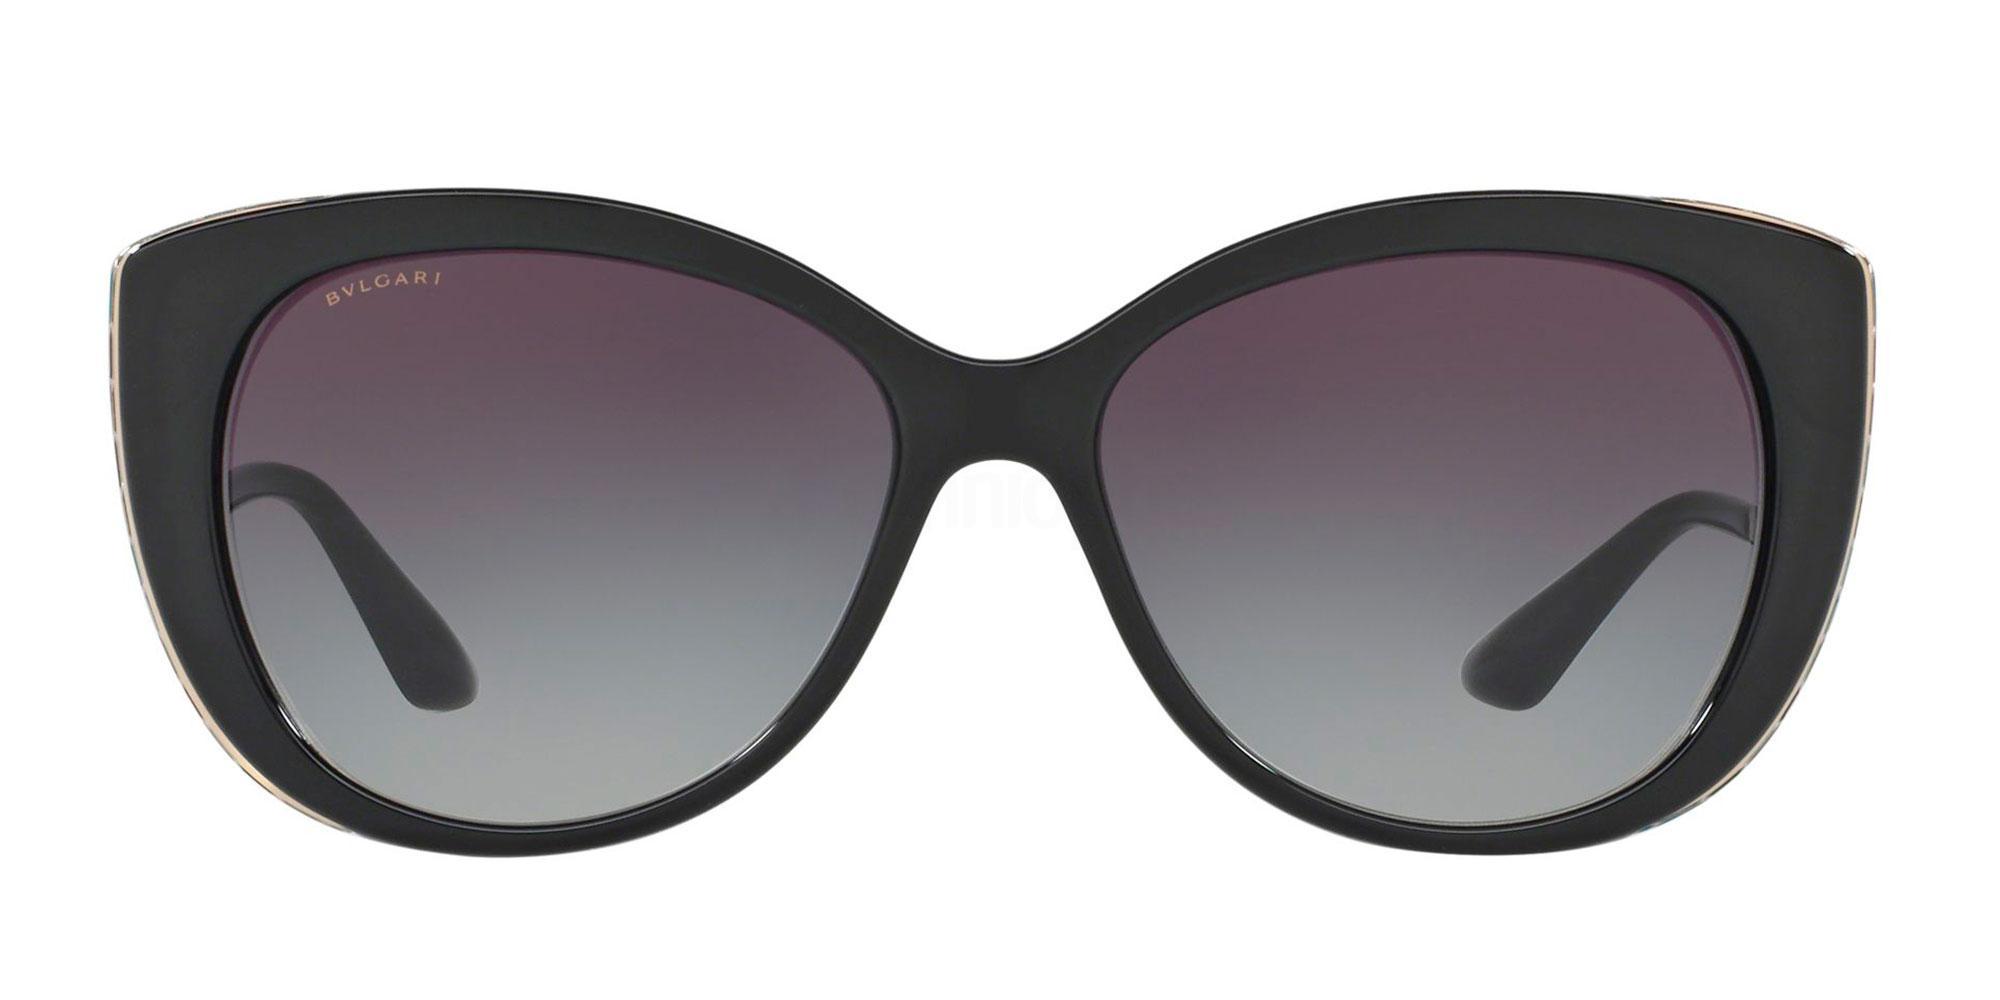 901/8G BV8178 Sunglasses, Bvlgari